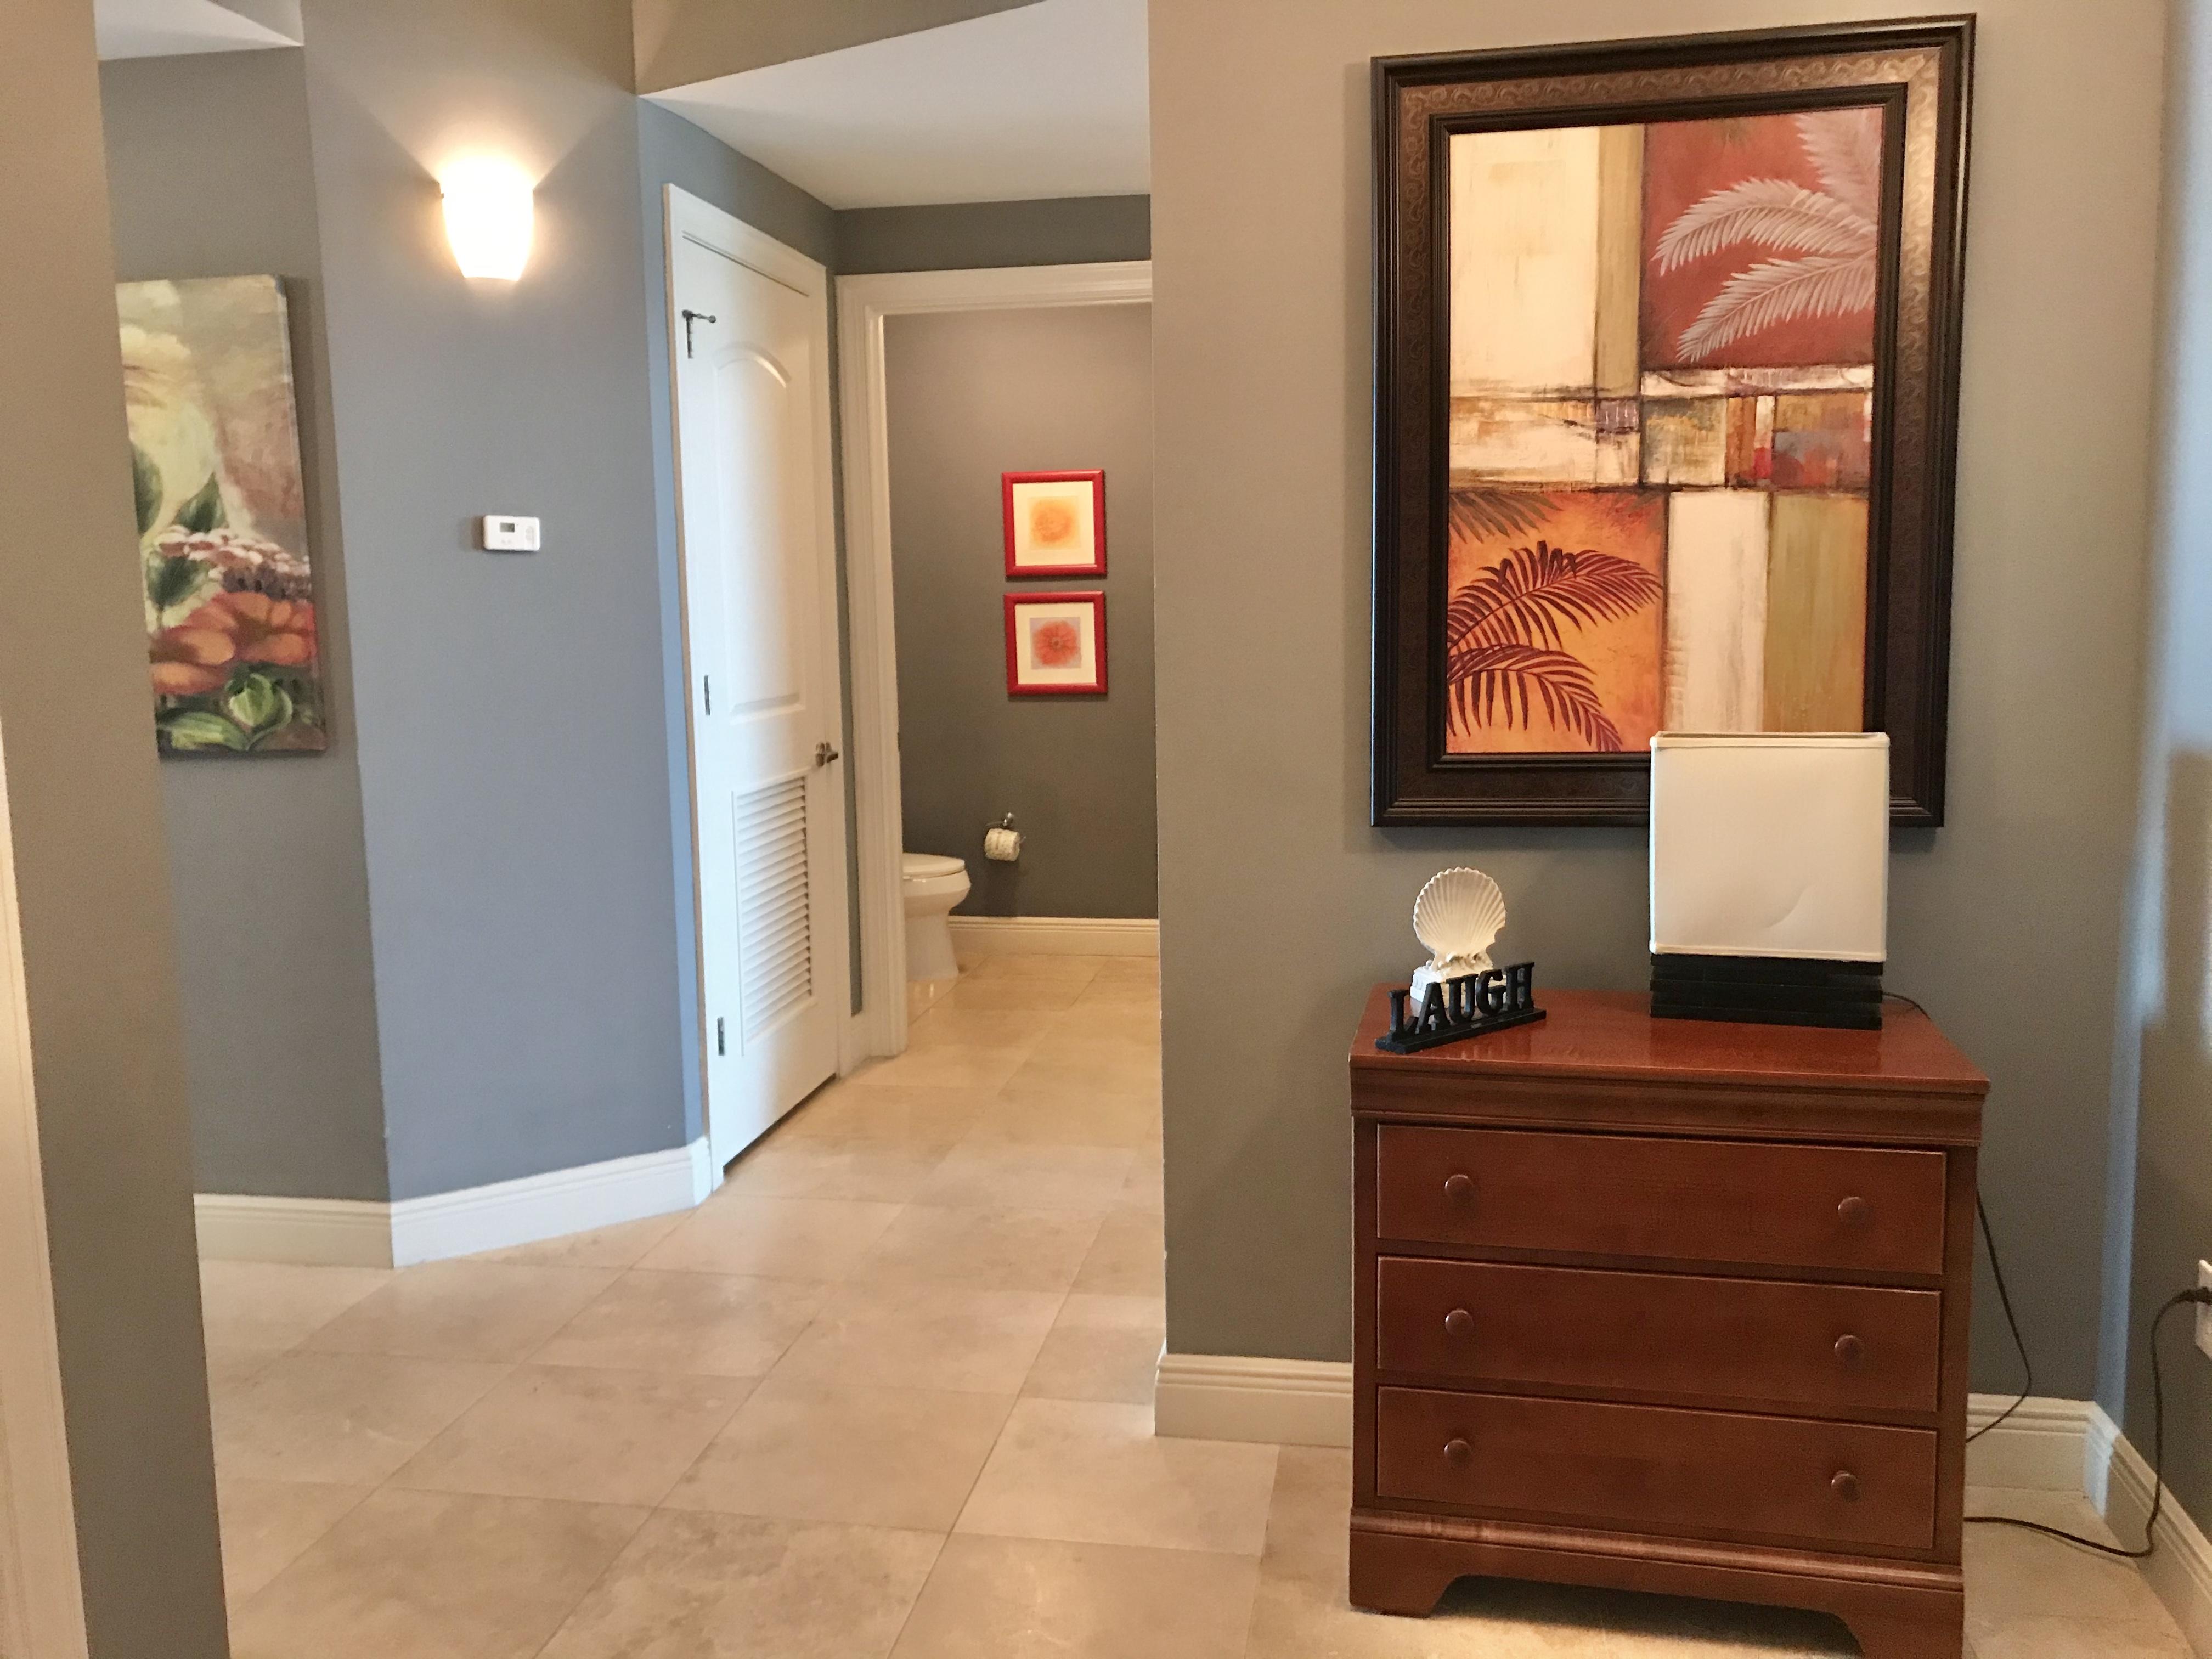 Mustique 401 Condo rental in Mustique in Gulf Shores Alabama - #24